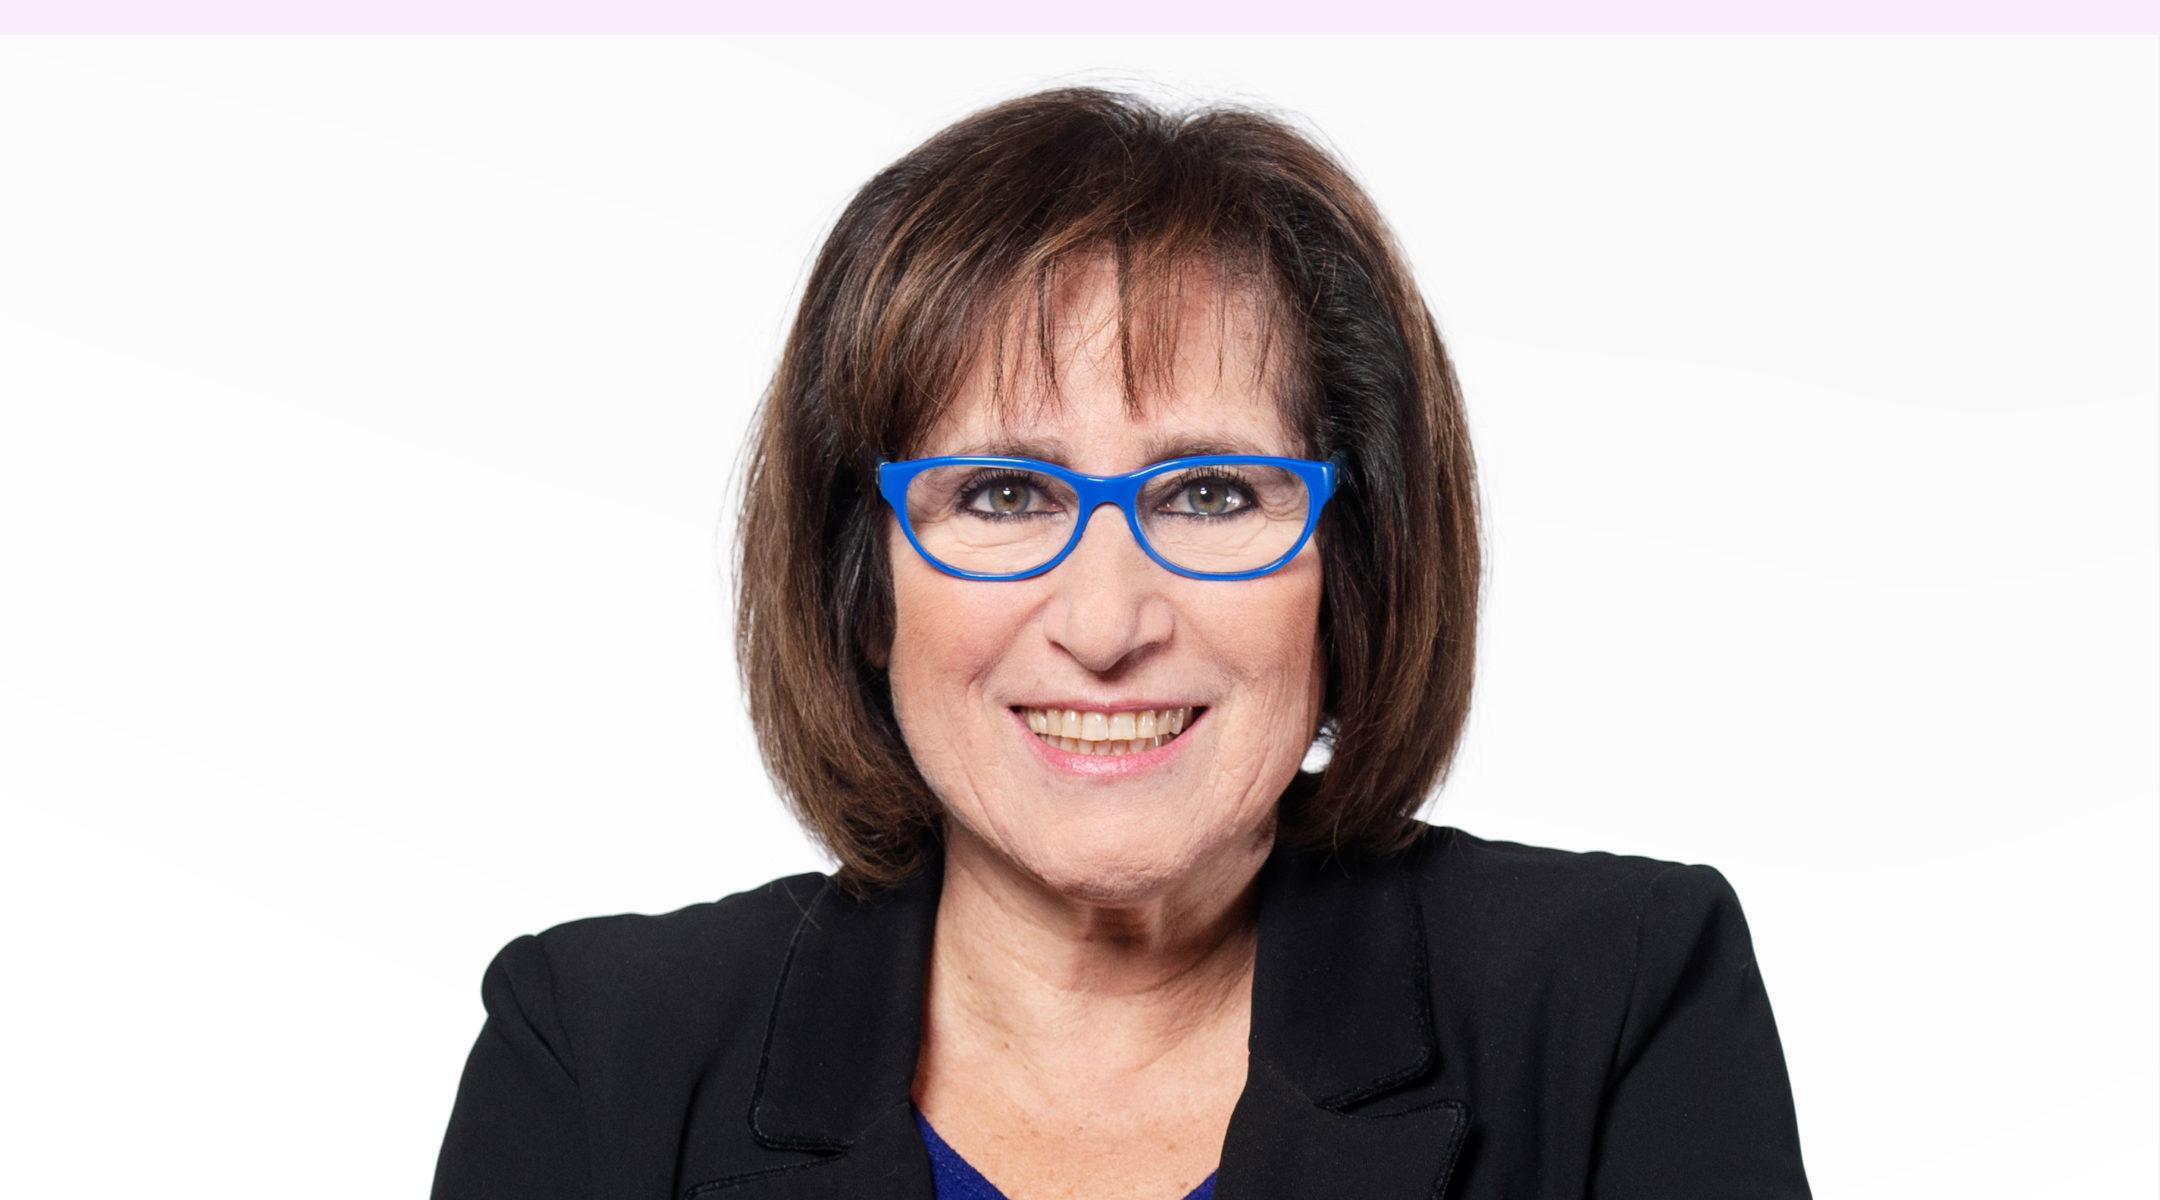 Viviane Teitelbaum. (Wikimedia Commons)